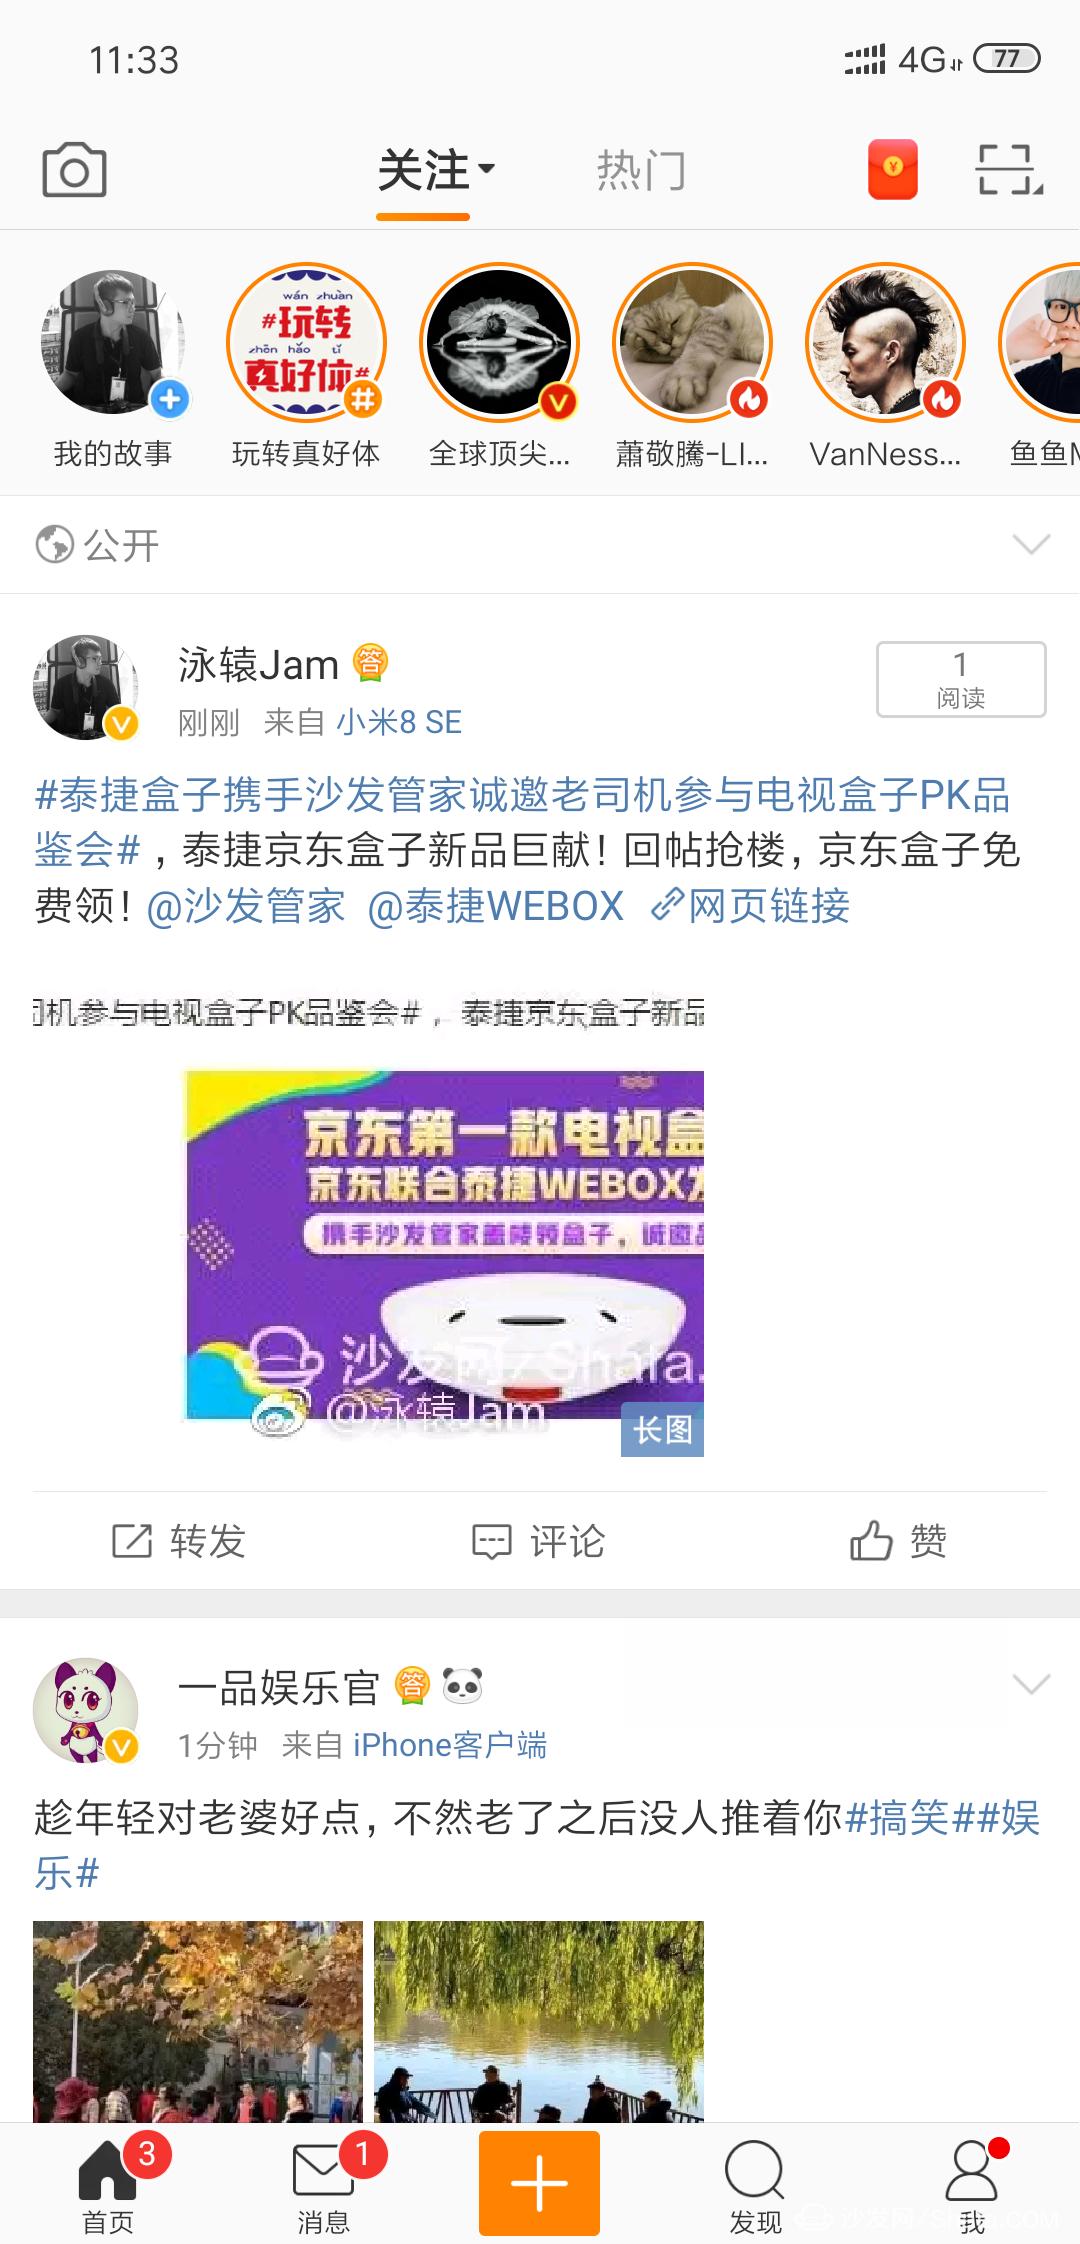 Screenshot_2018-12-04-11-33-16-020_com.sina.weibo.png